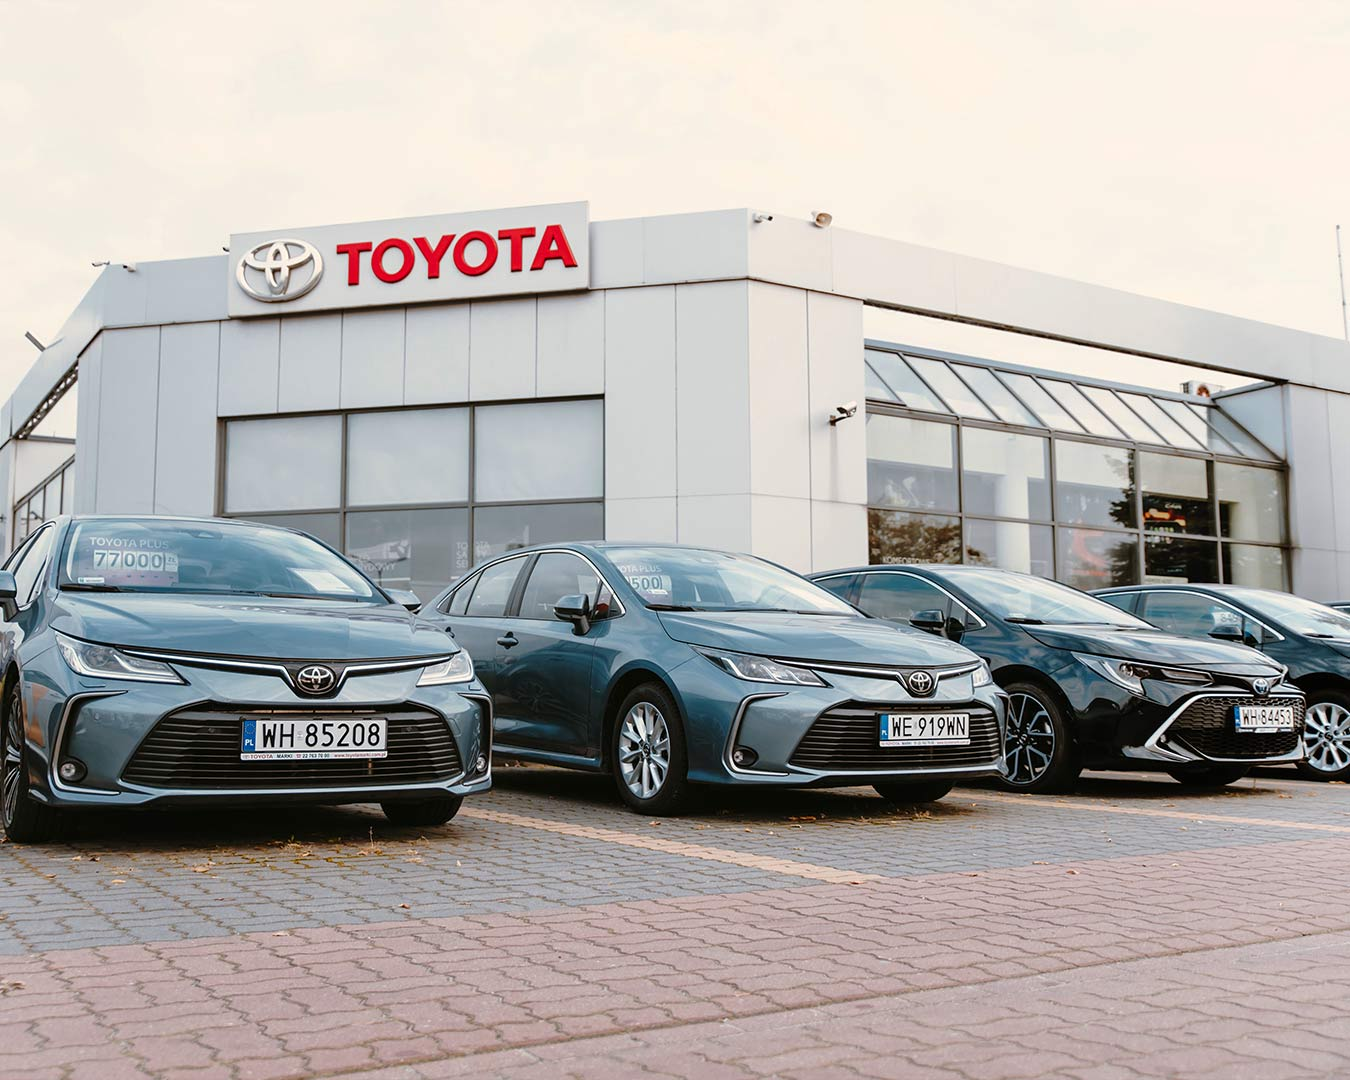 Używana Toyota w idealnym stanie - program Toyota Plus